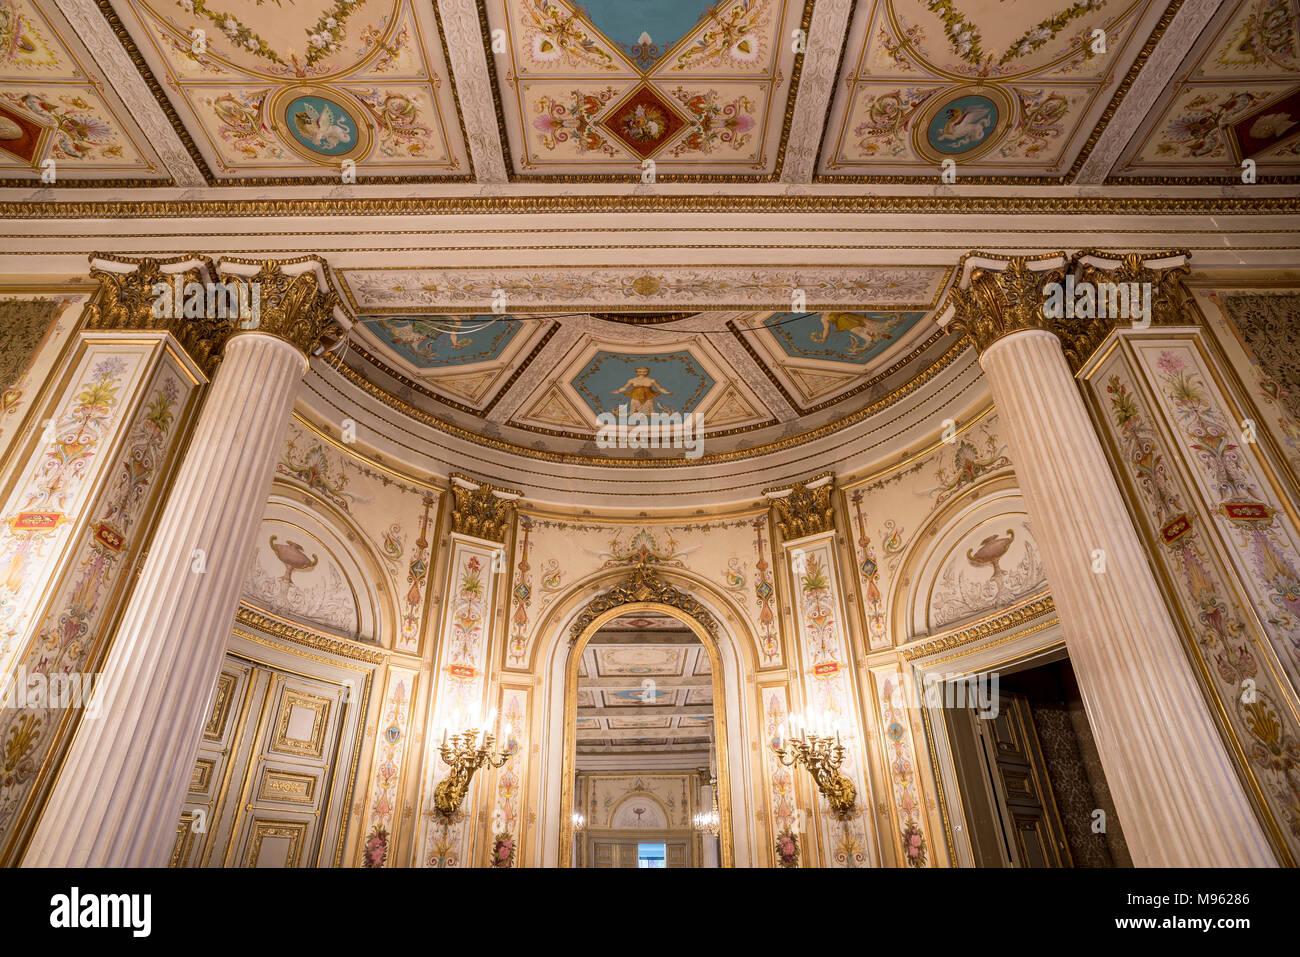 Stadtschloss, Musiksaal, das ehemalige Stadtschloss der Herzöge von Nassau. Seit 1946 befindet sich hier der Sitz des Hessischen Landesparlaments. Stockbild